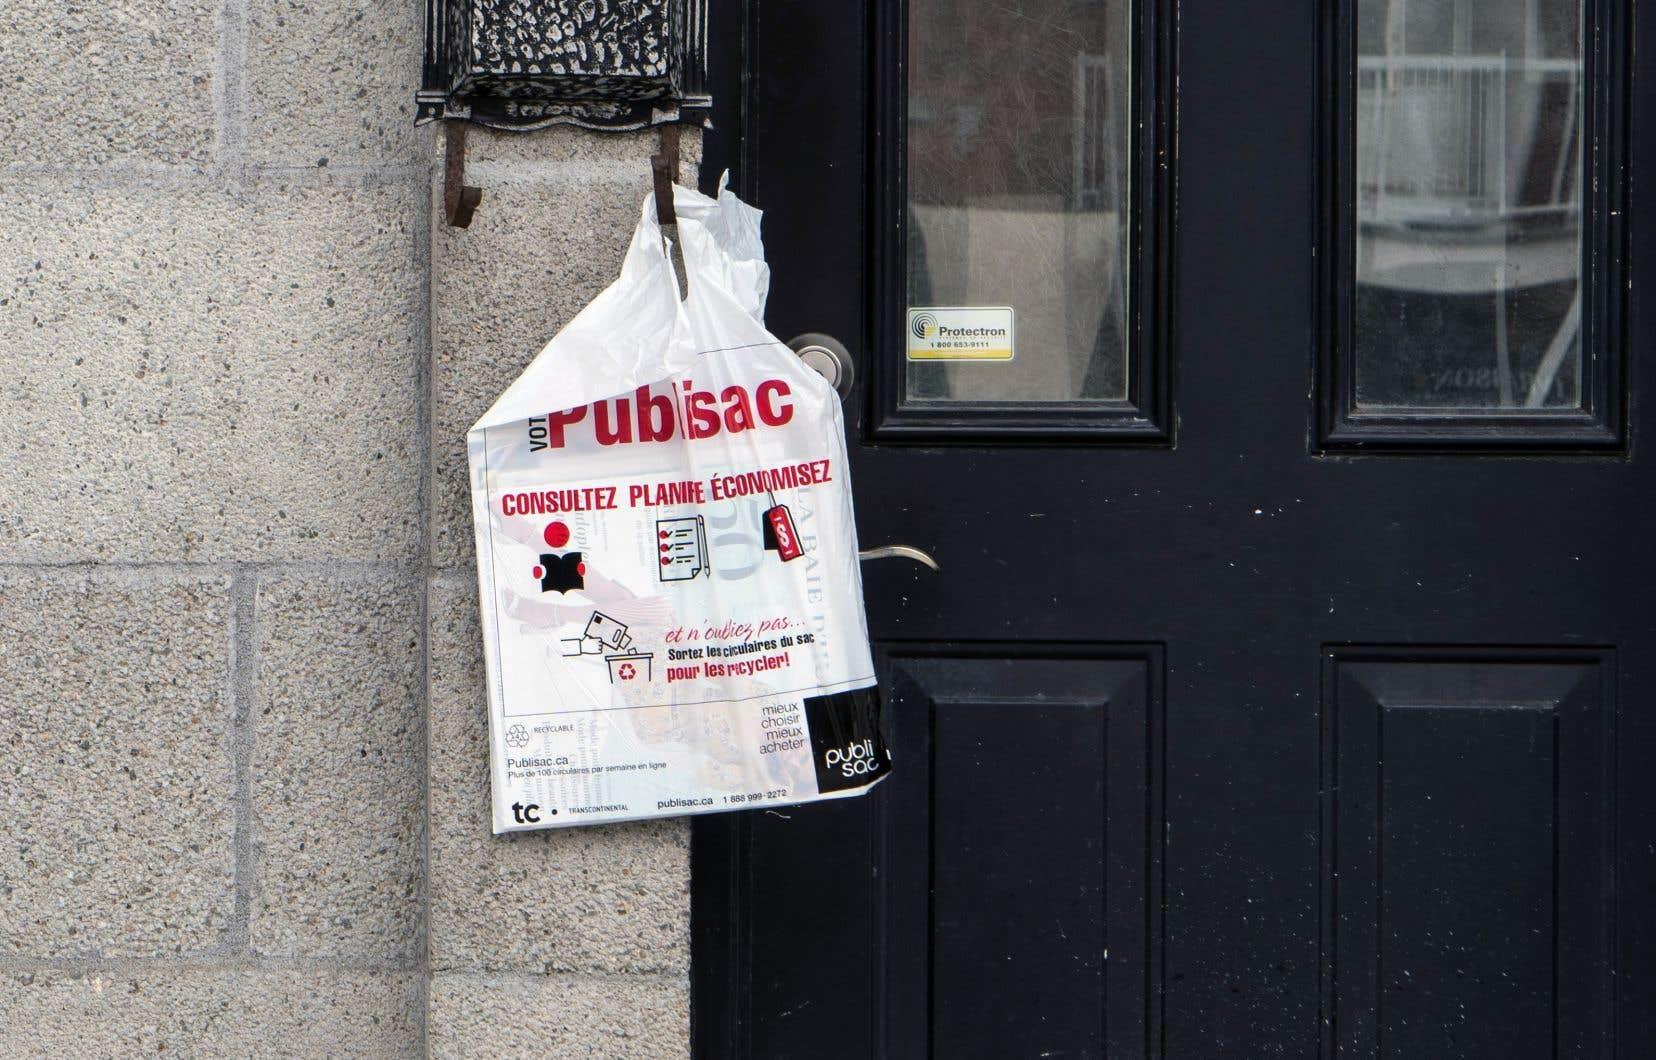 Transcontinental, propriétaire du Publisac, utilise toutes les tribunes possibles pour influencer les décideurs, dont la mairesse Valérie Plante.